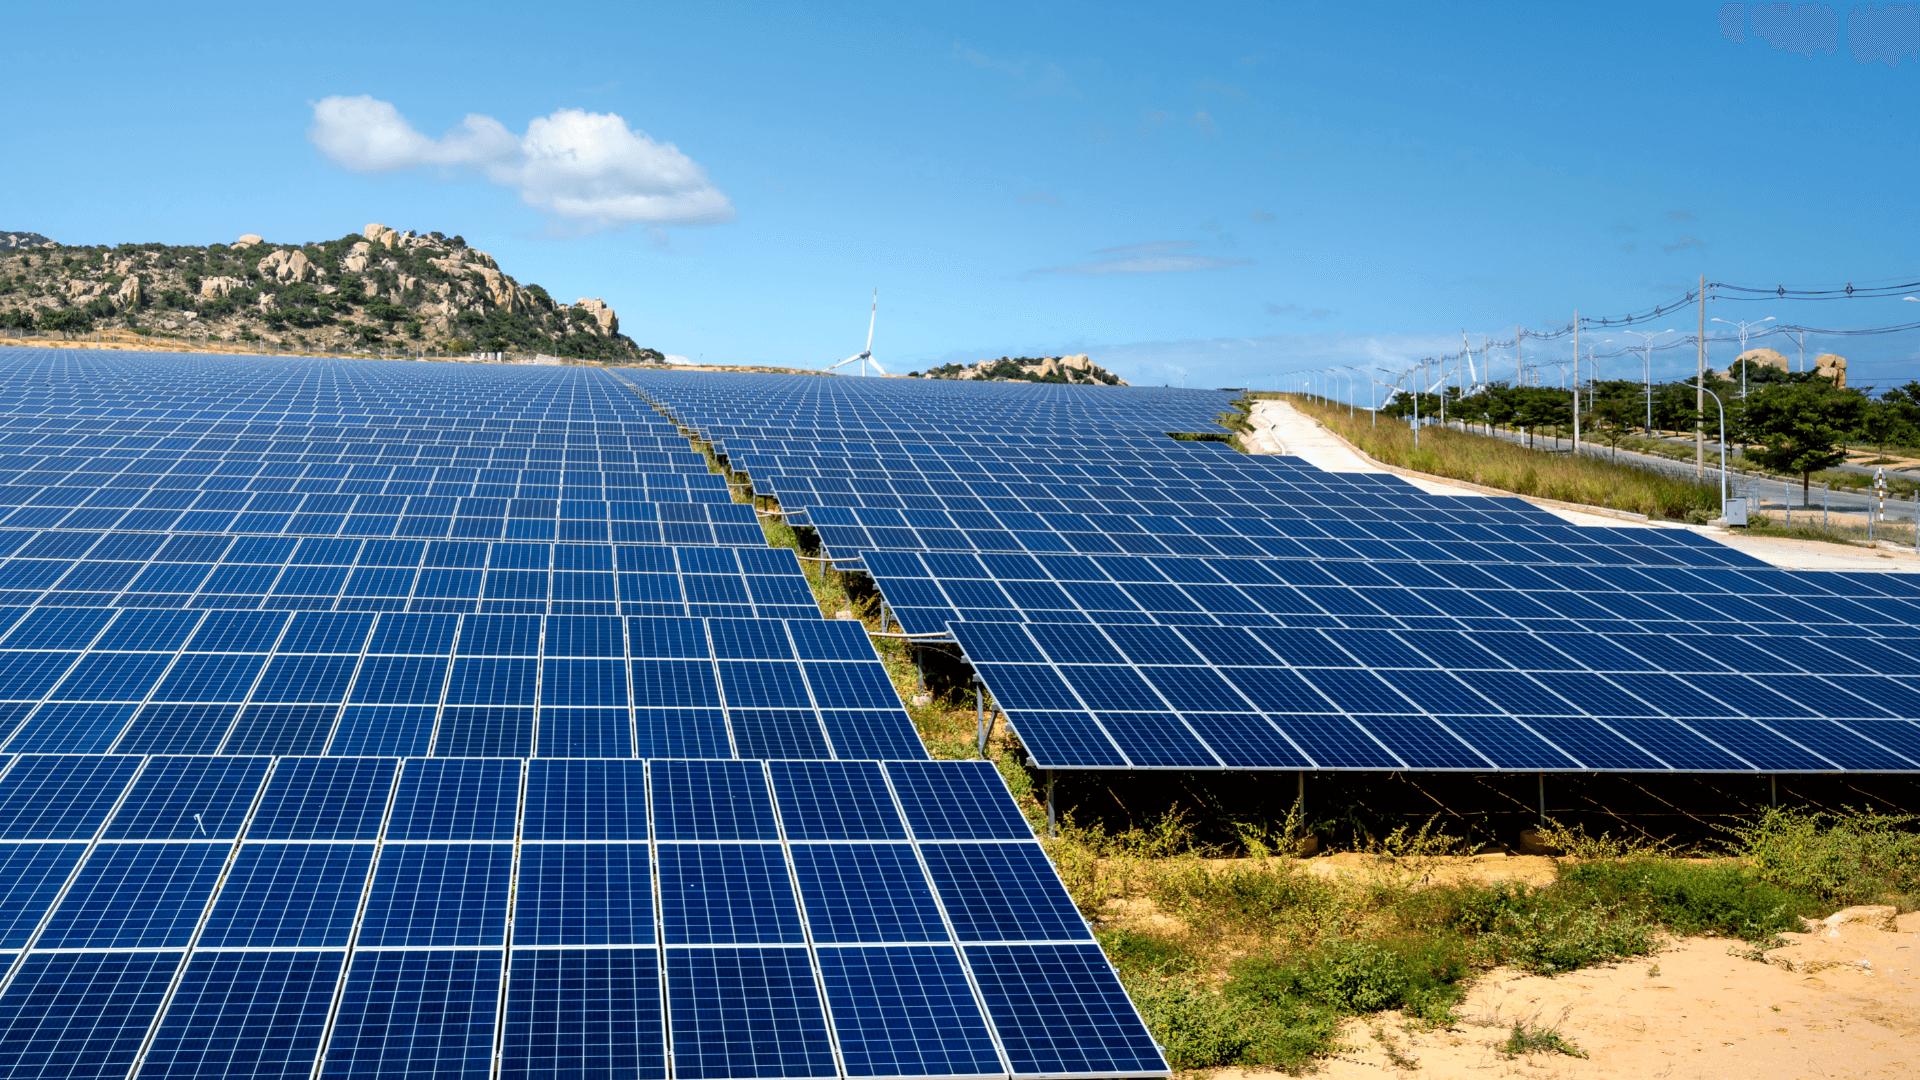 なぜ太陽光発電のシュミレーションをしなければいけないのか